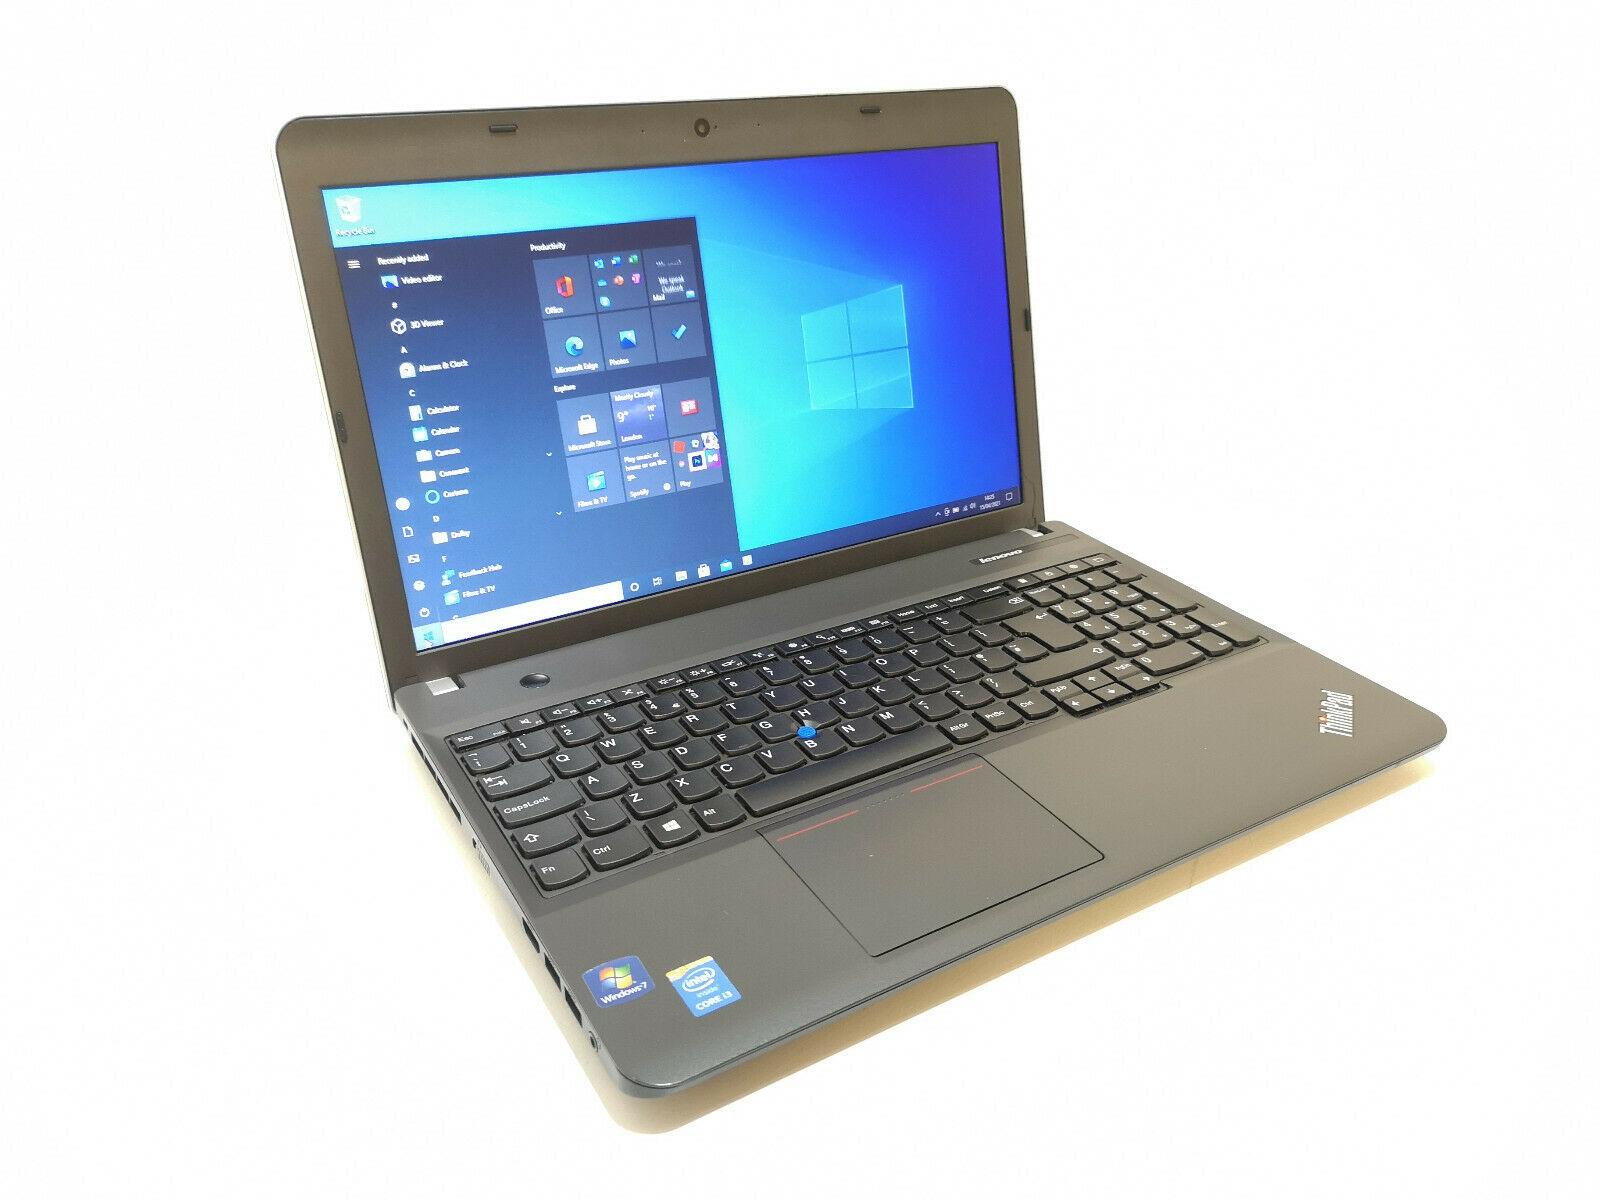 Lenovo-ThinkPad-E540 - 154198